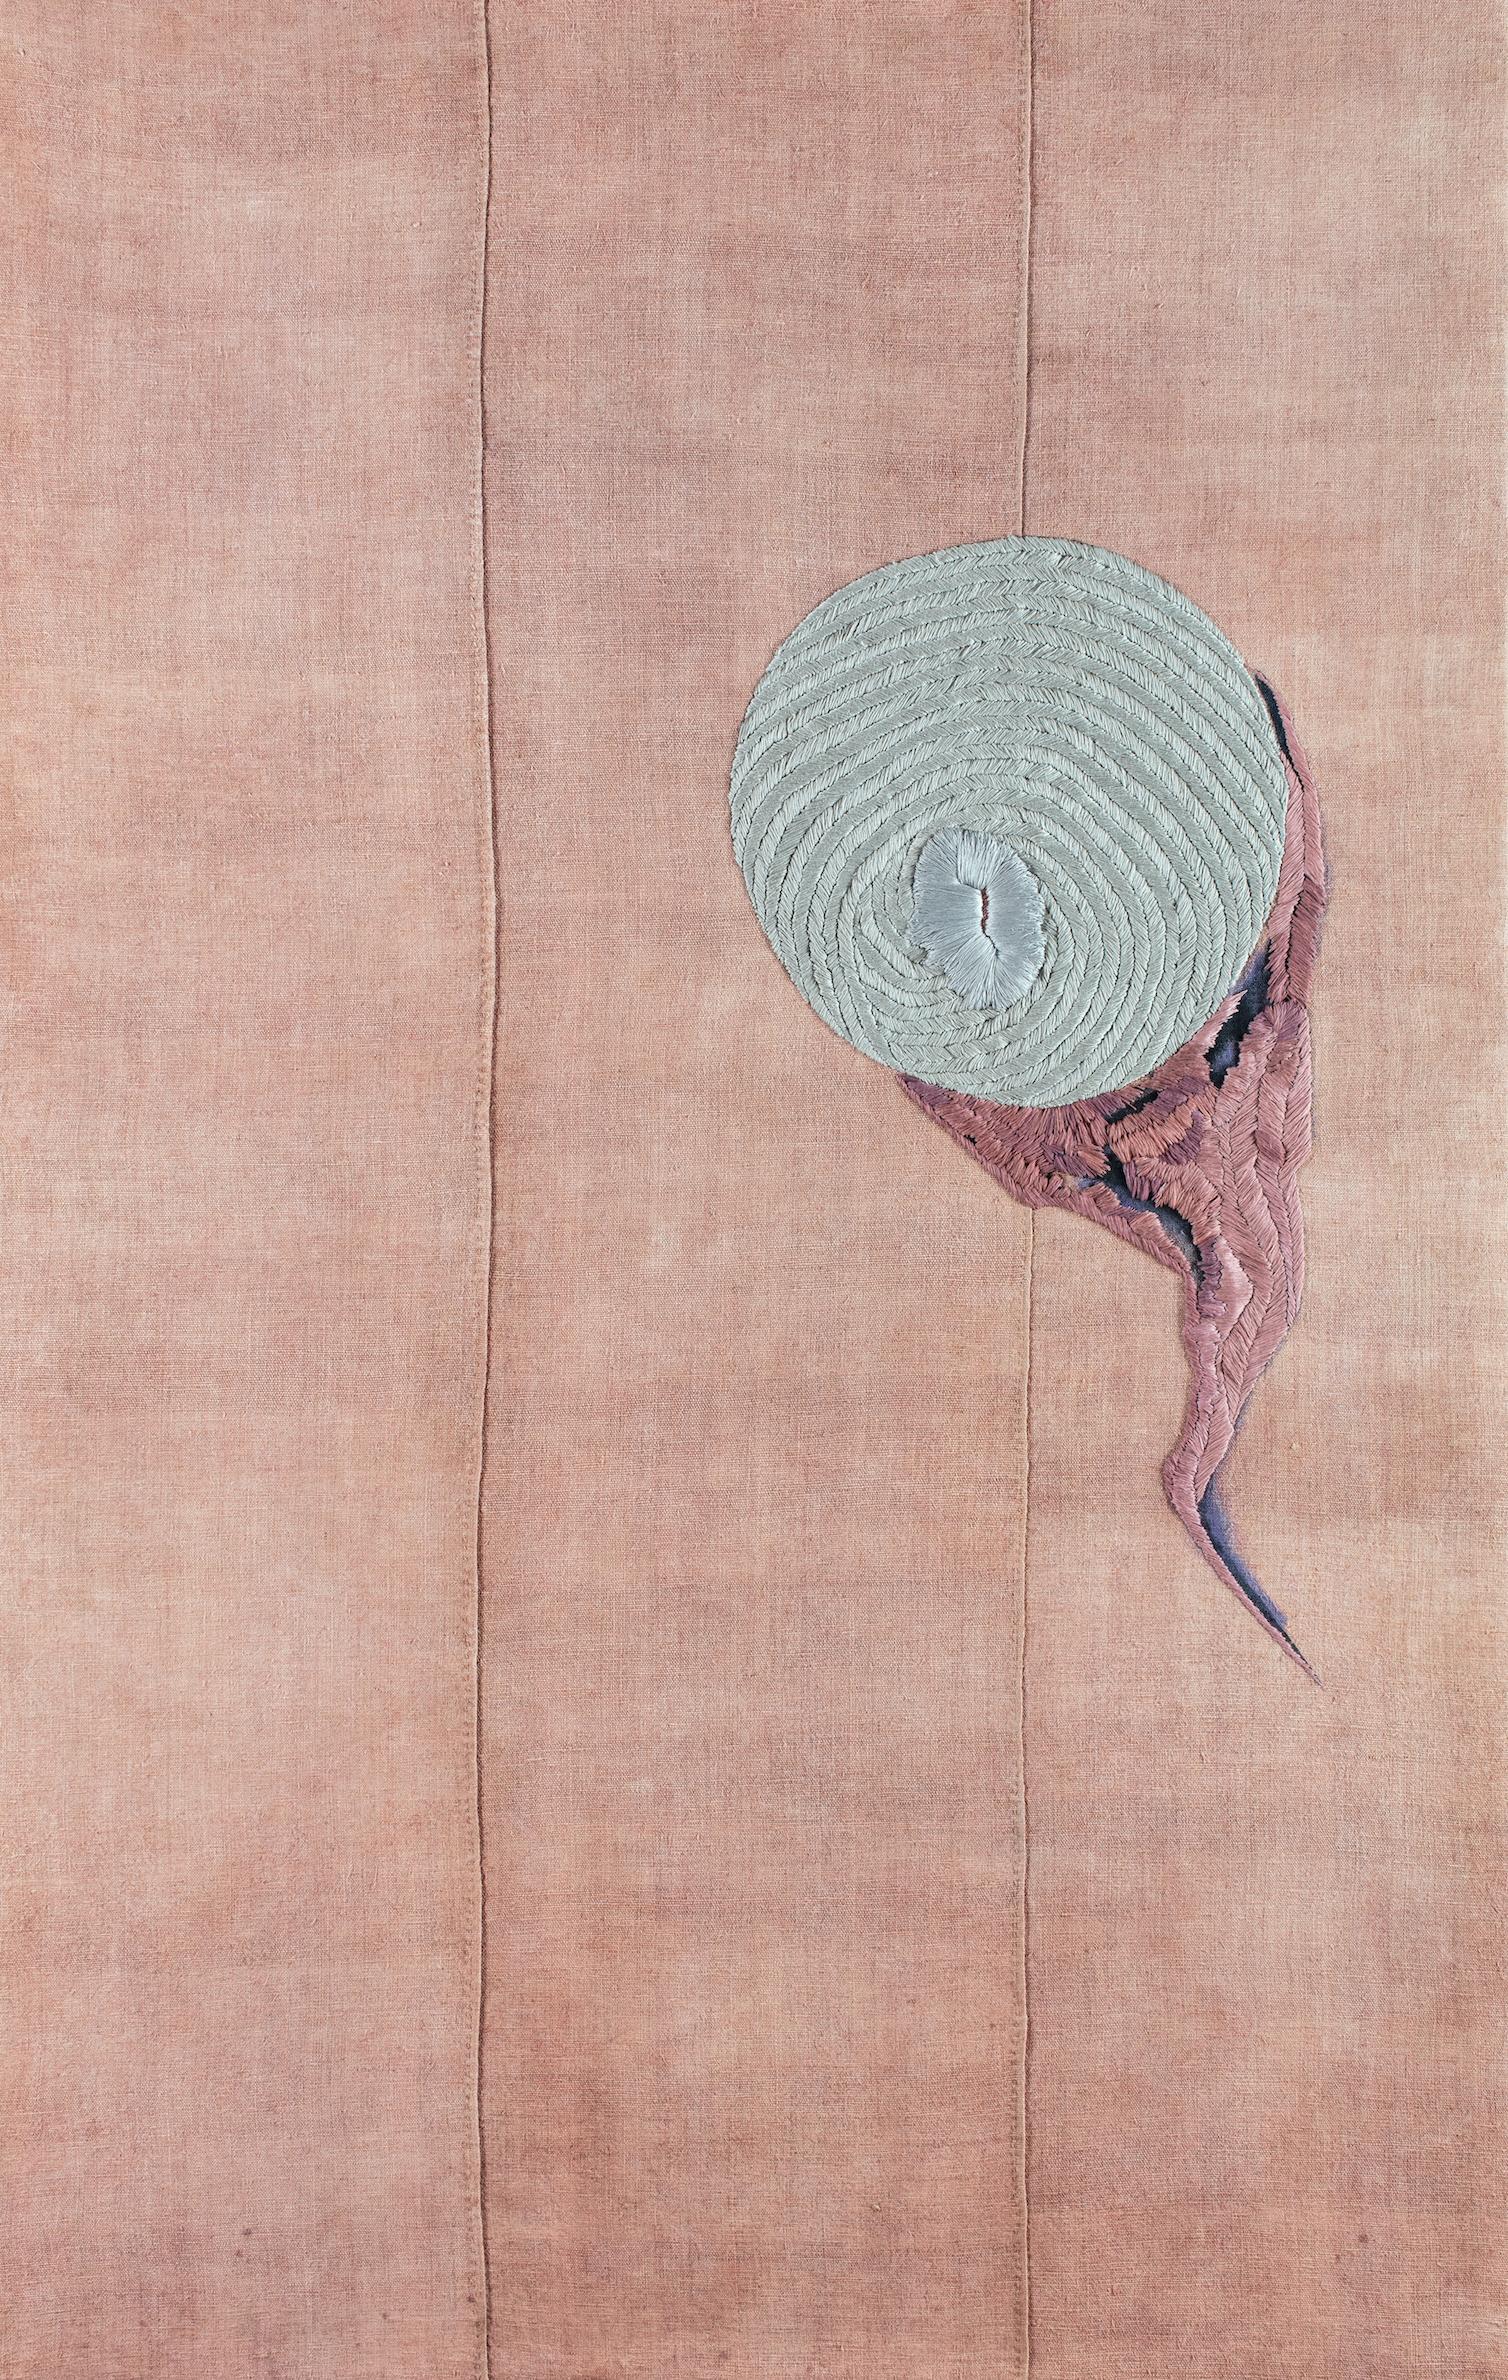 Carolina Mazzolari  Moon I 2019 , courtesy of the artist.